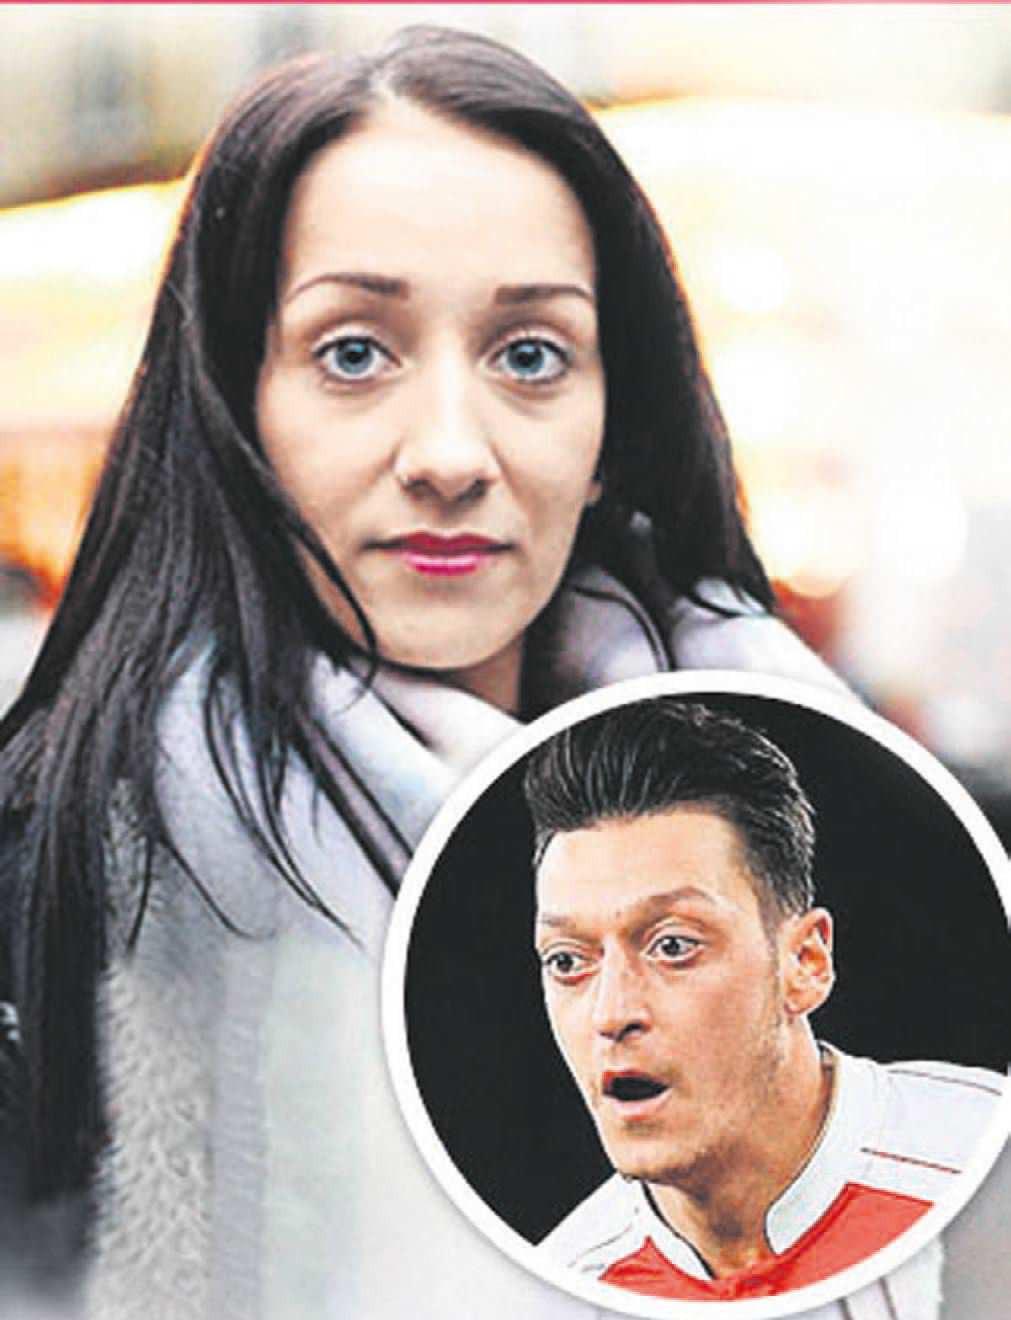 Denise K tự nhận là em gái của Mesut Oezil